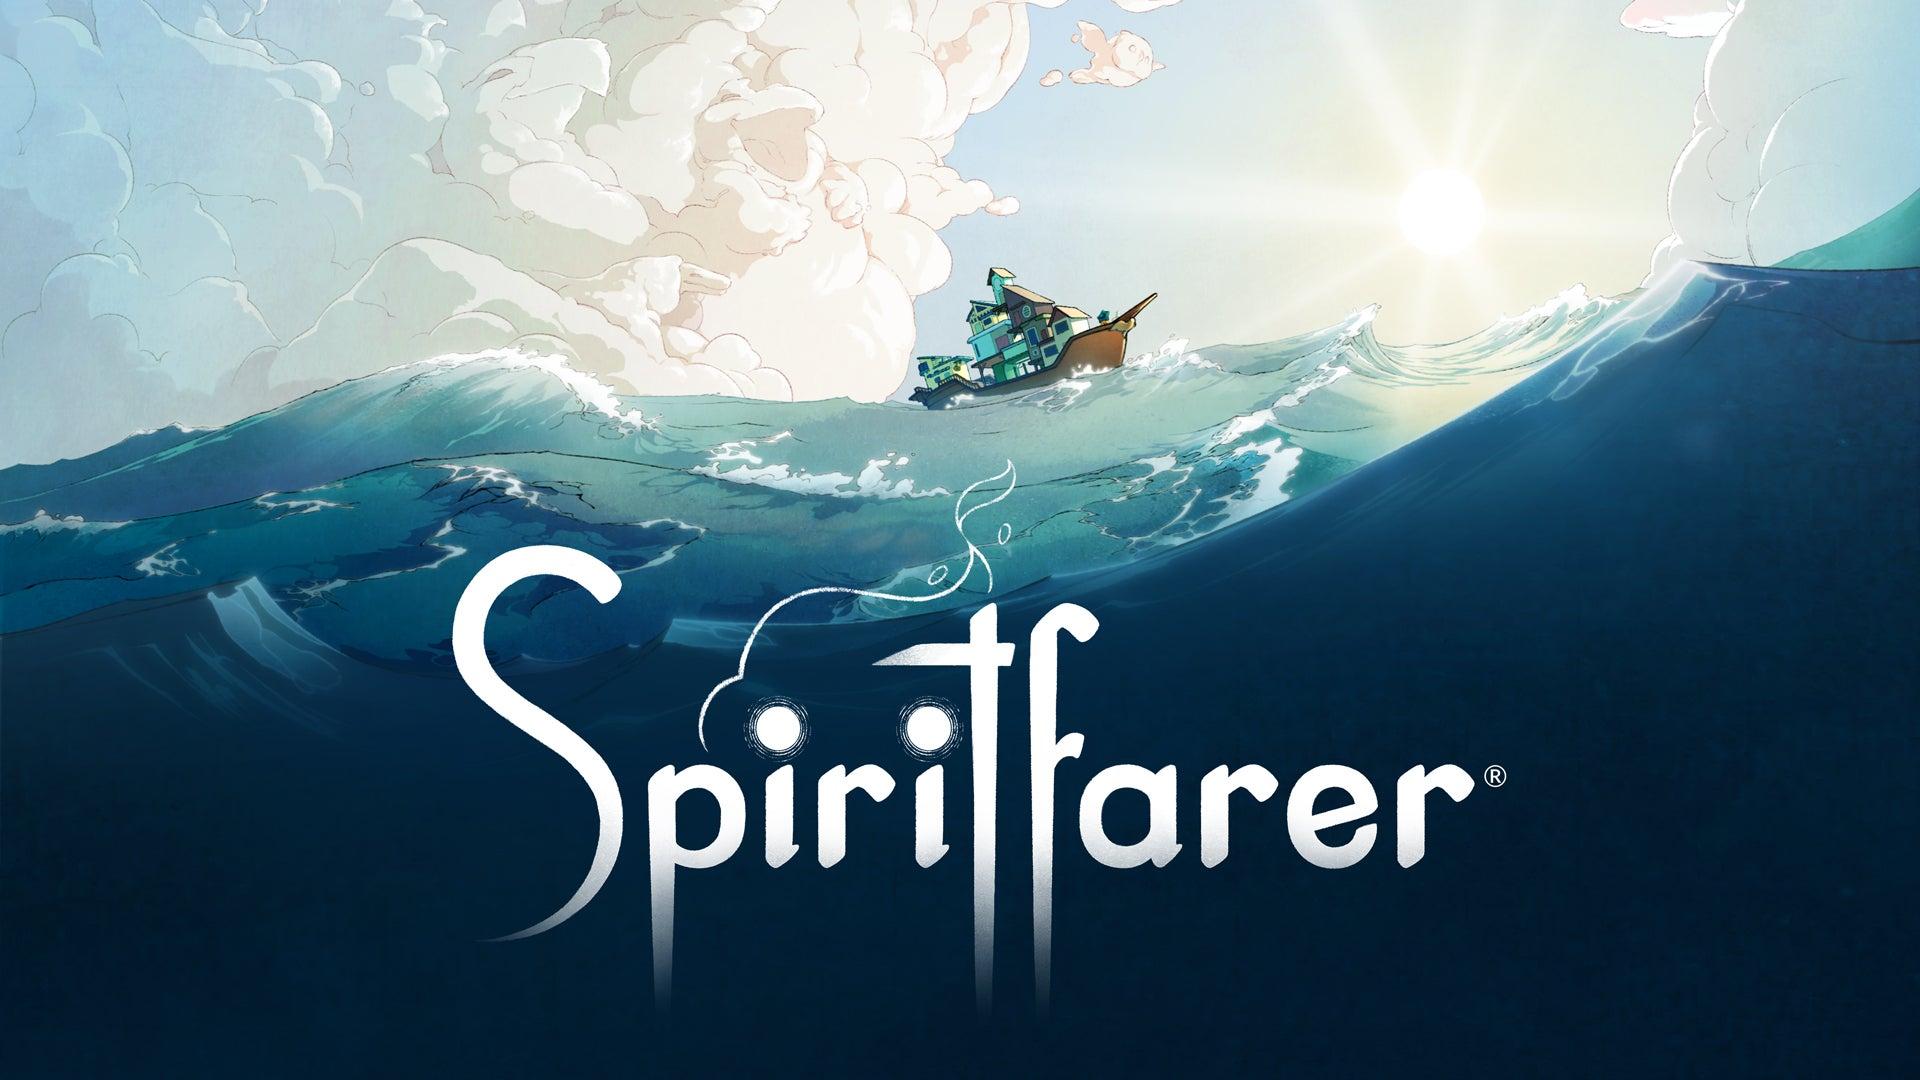 spiritfarer-switch-hero.jpg